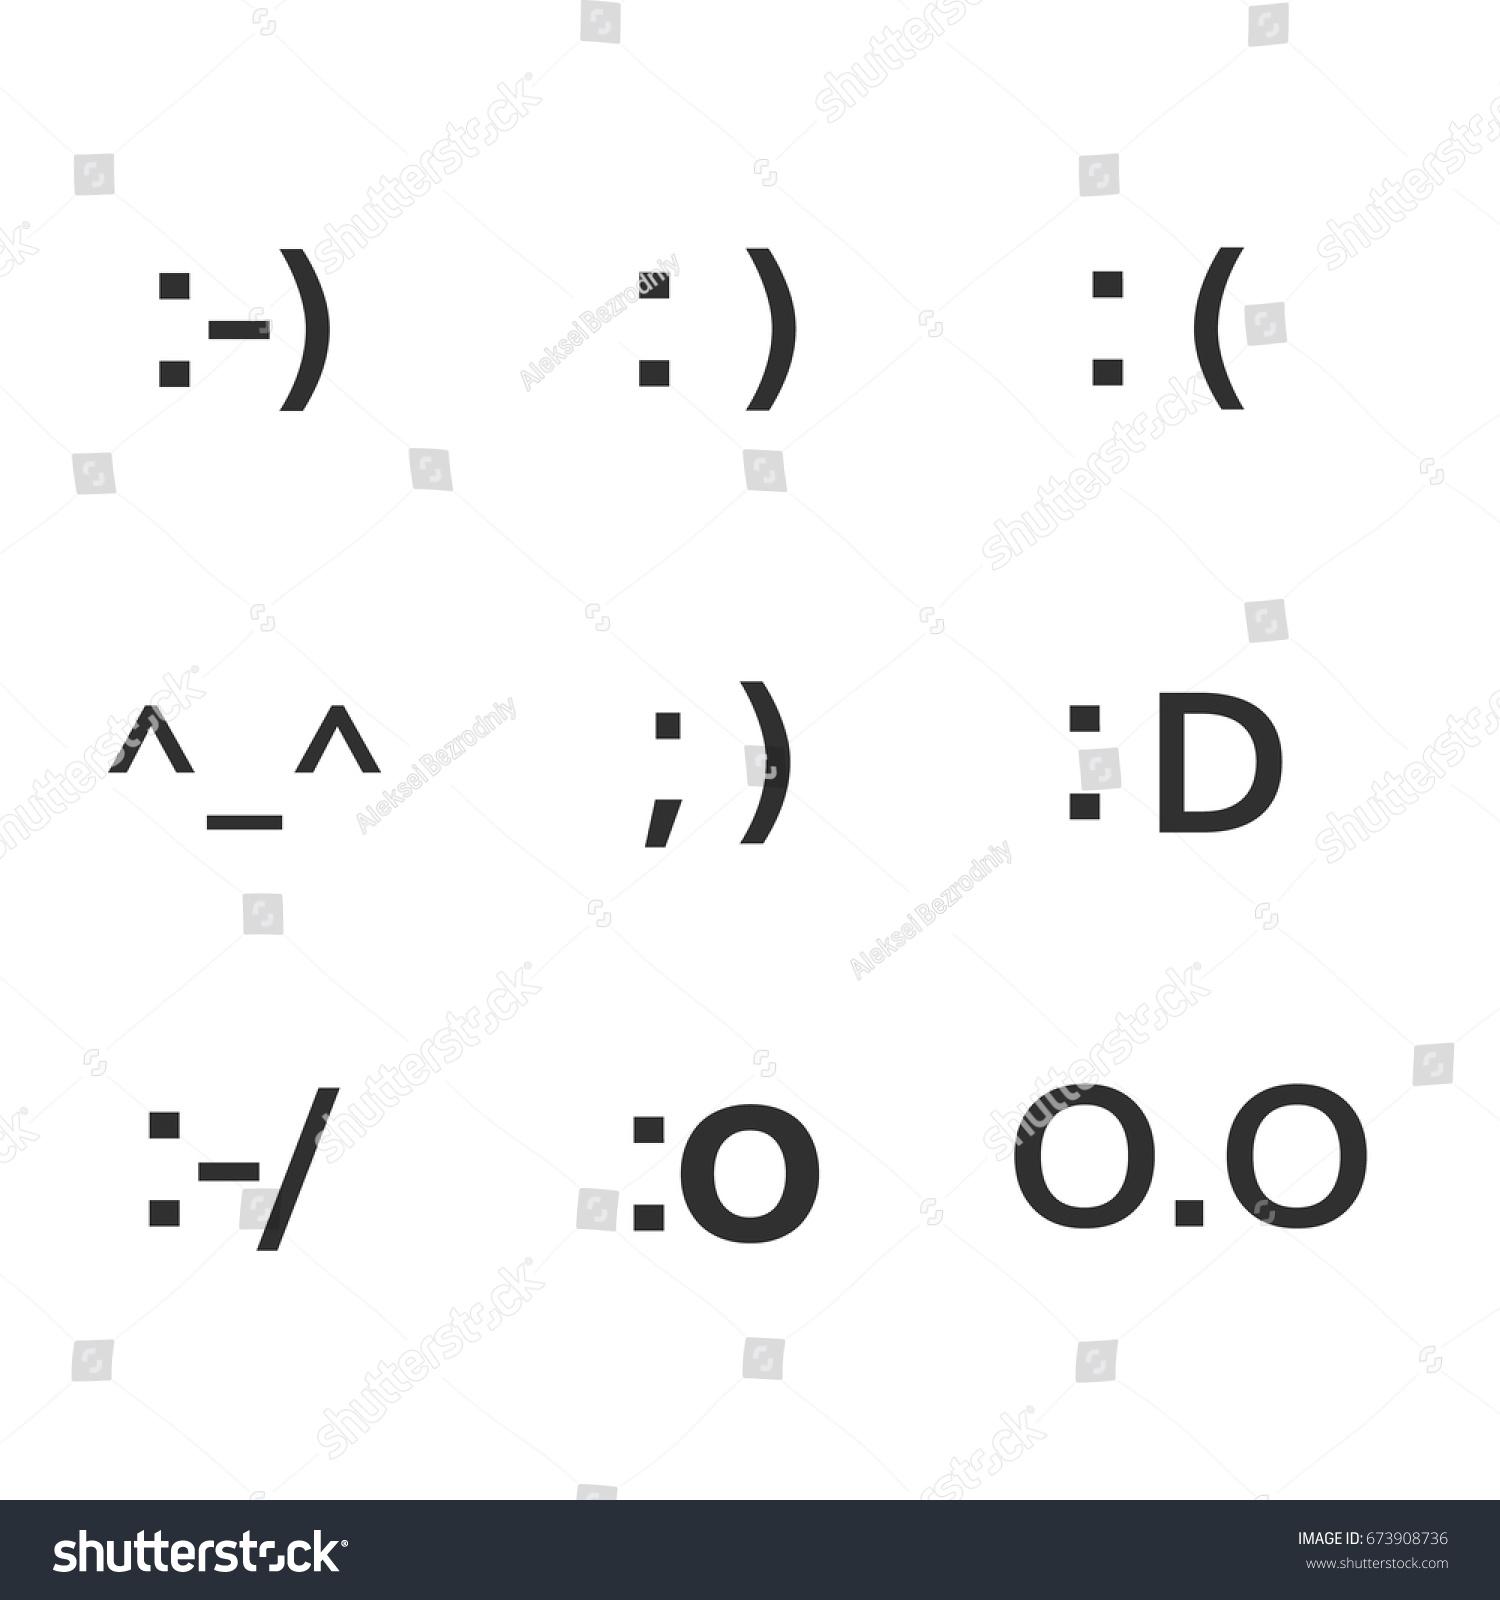 Emoji Faces Keyboard Symbols Smile Symbols Stock Vector Royalty